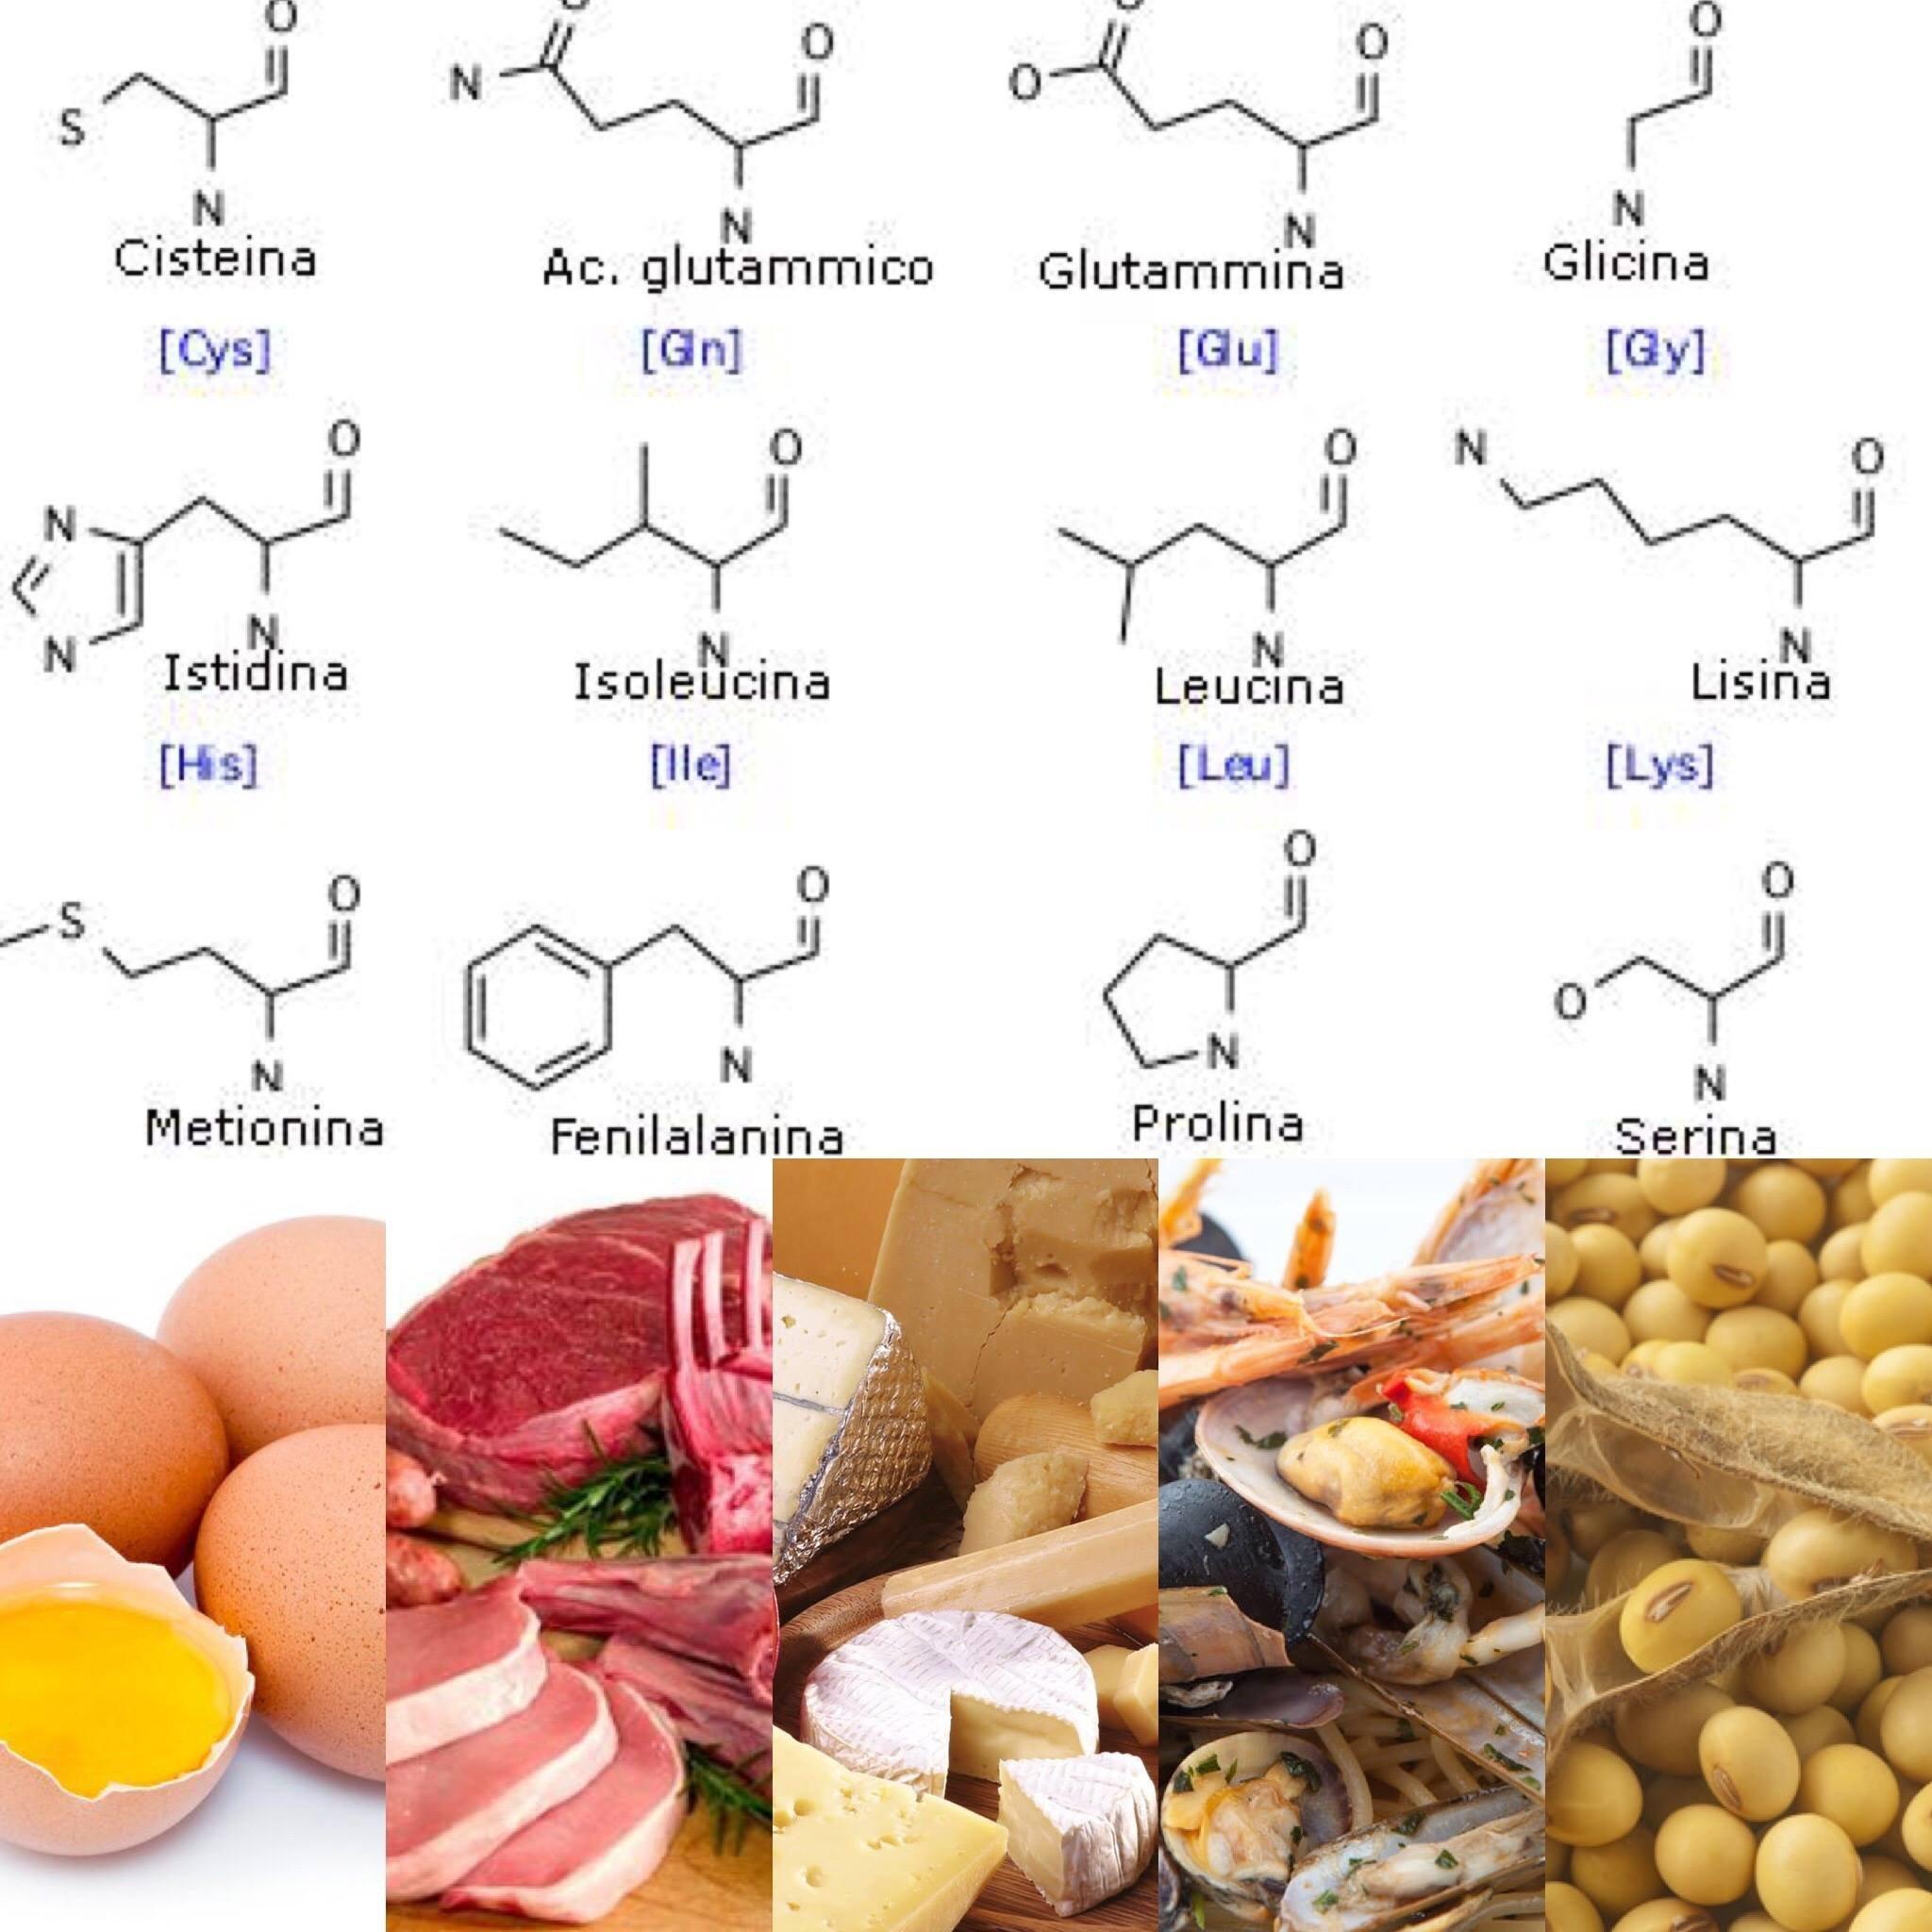 Come Migliorare La Digestione Di Alimenti Contenenti Diverse Fonti Proteiche Alkaenergy